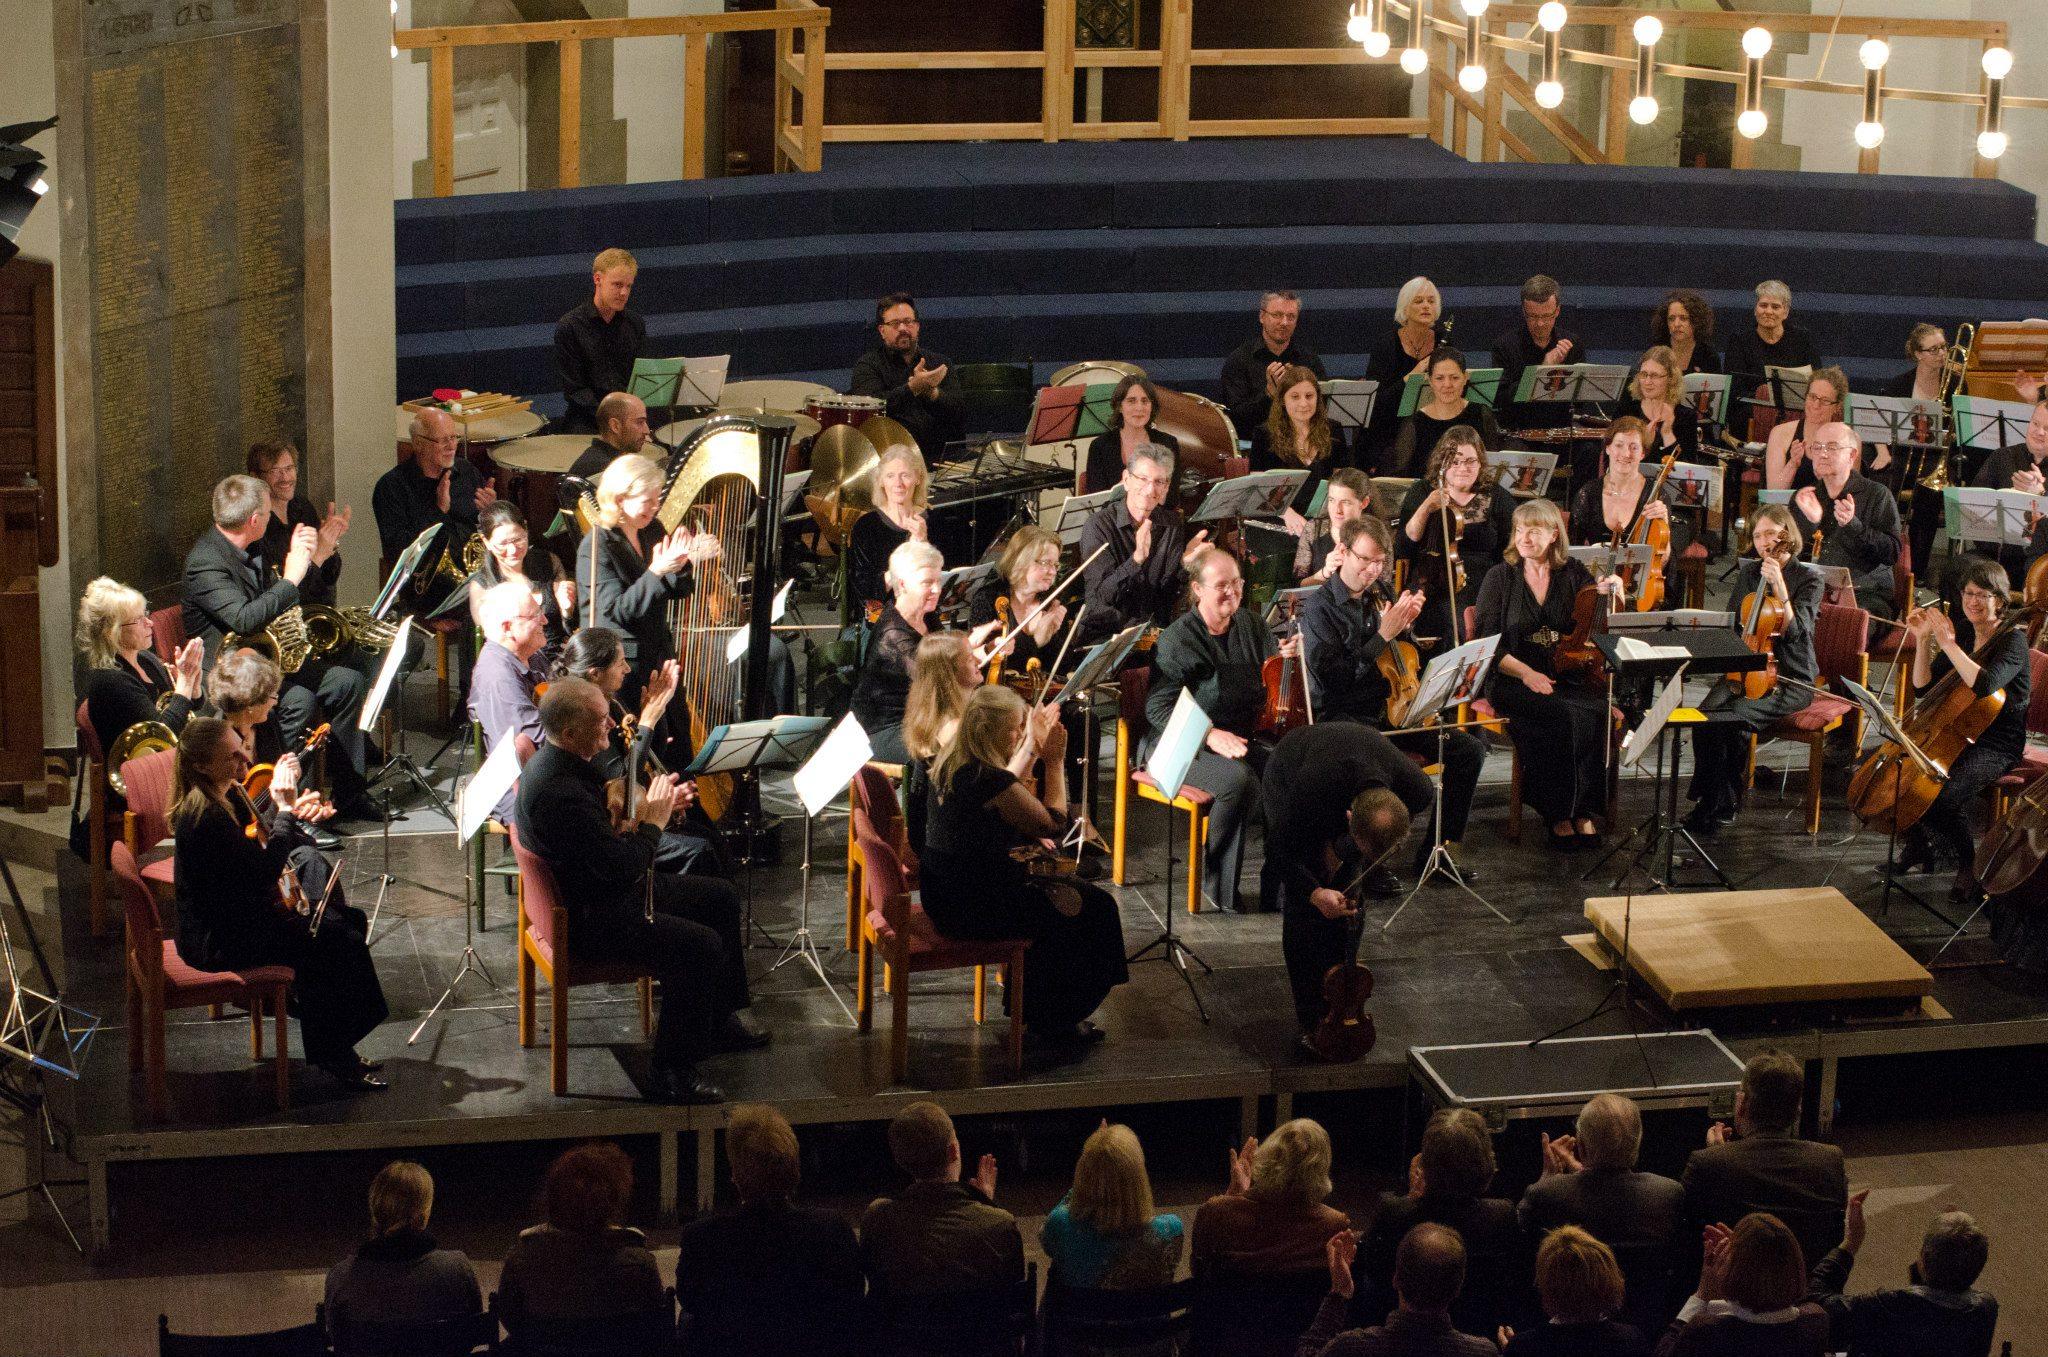 Hannover rehearsal